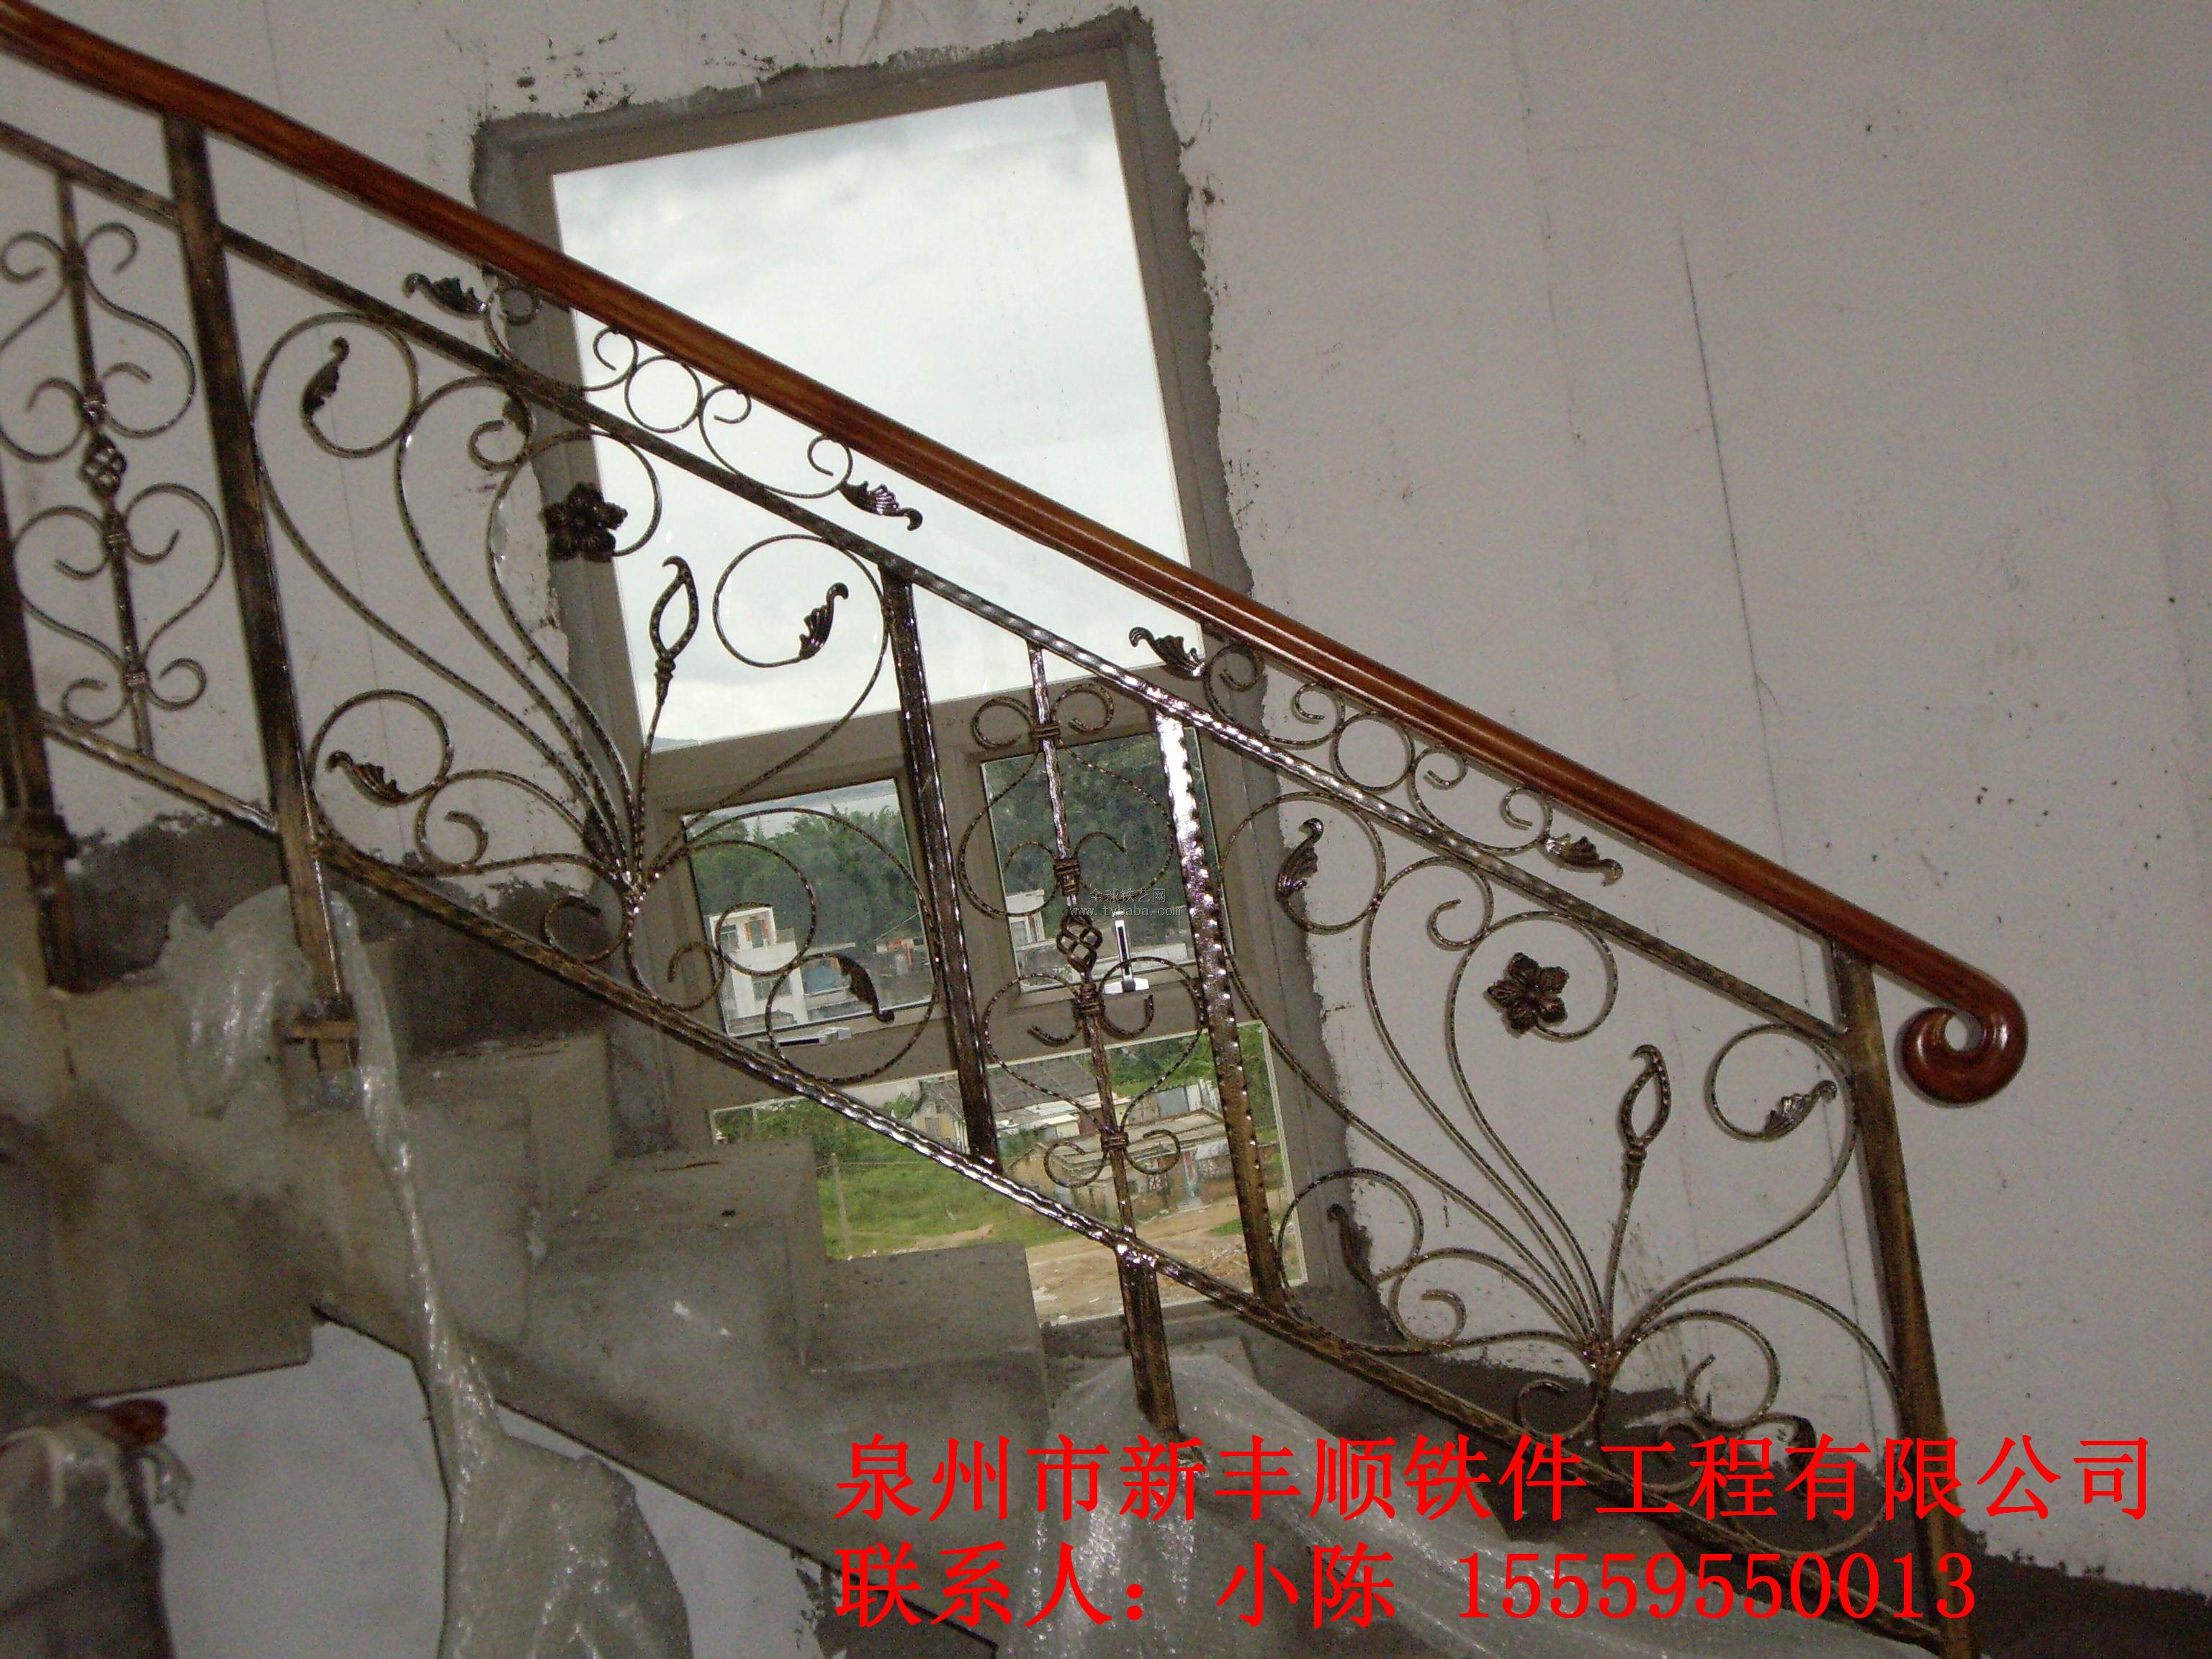 铁艺扶手楼梯-泉州市新丰顺铁件工程有限公司